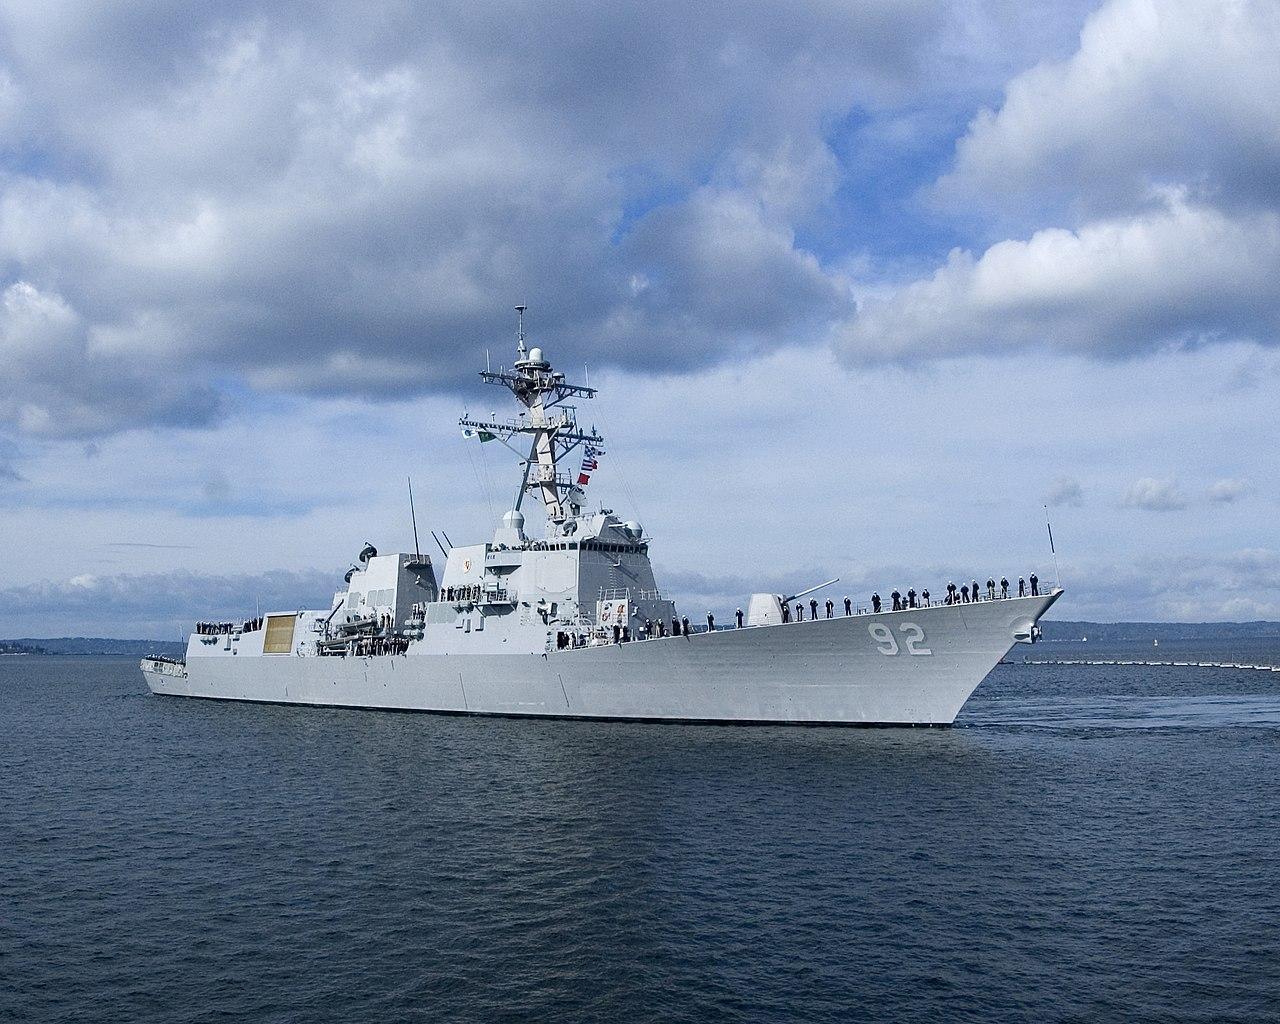 США явно провоцируют Китай на ответные  действия из-за прохода военного корабля в Тайванском проливе